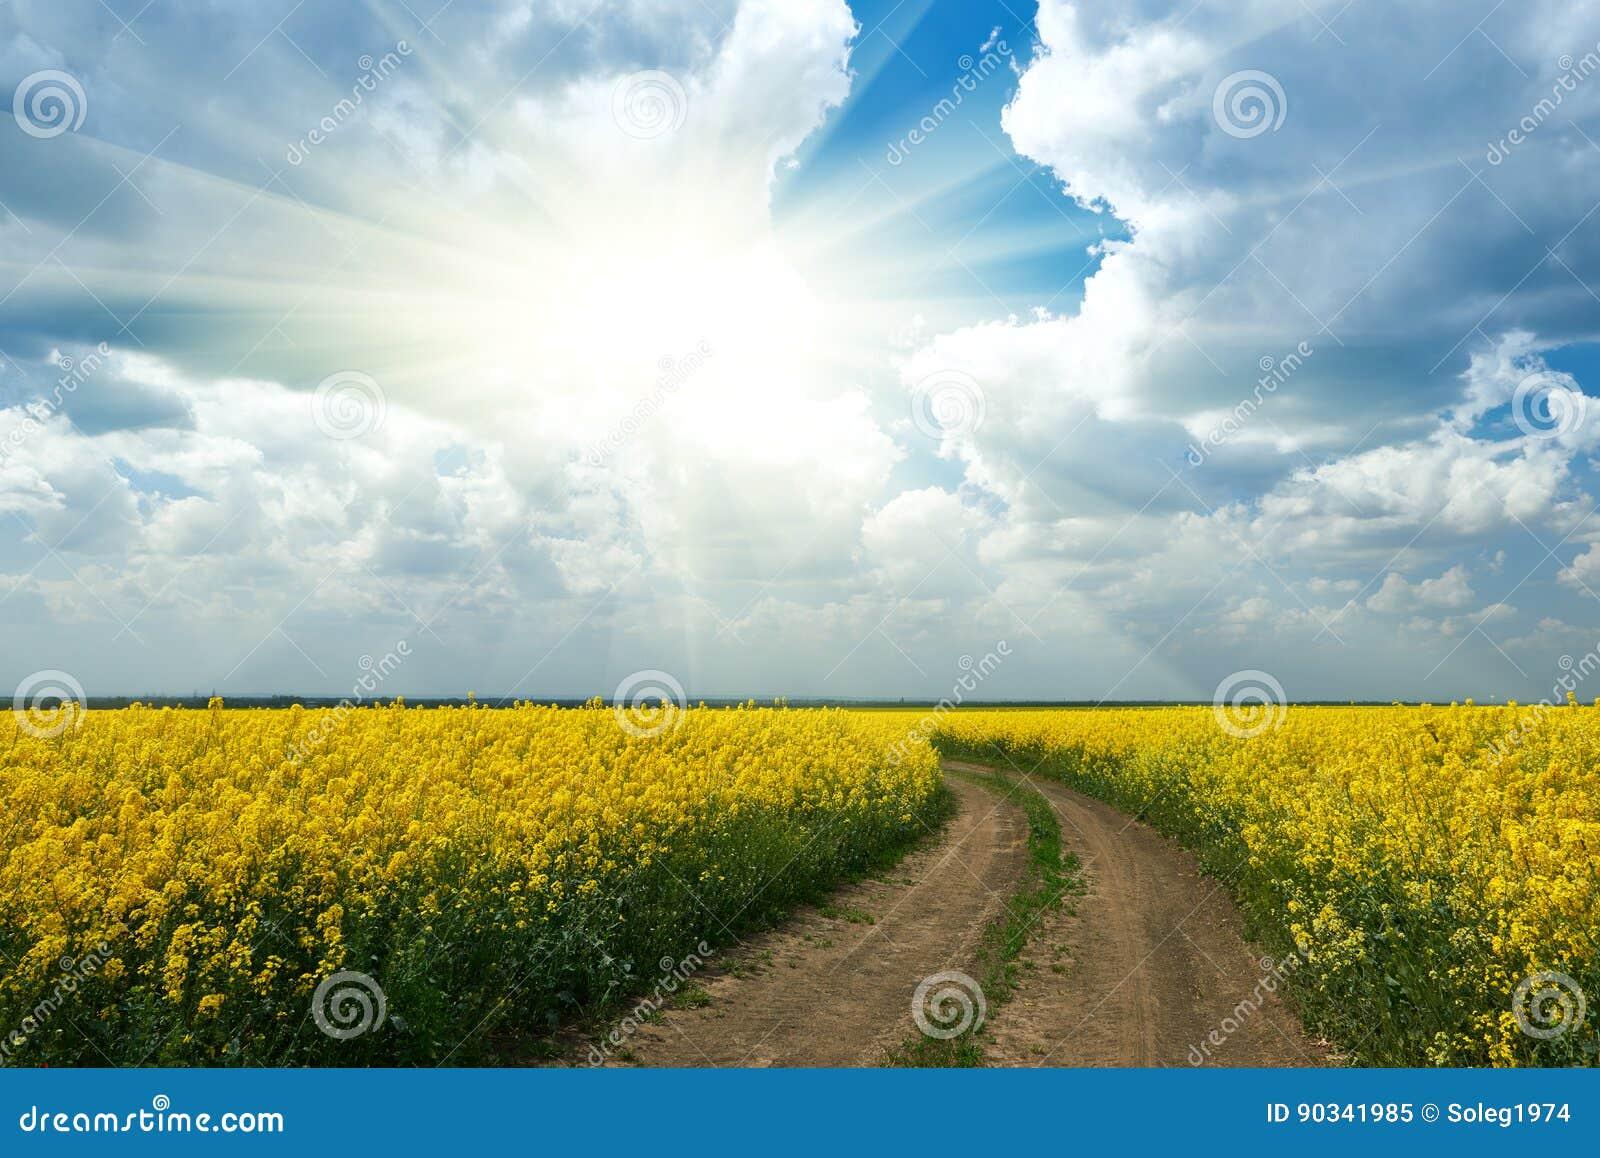 Земная дорога в желтом поле цветка с солнцем, красивом ландшафте весны, ярком солнечном дне, рапсе